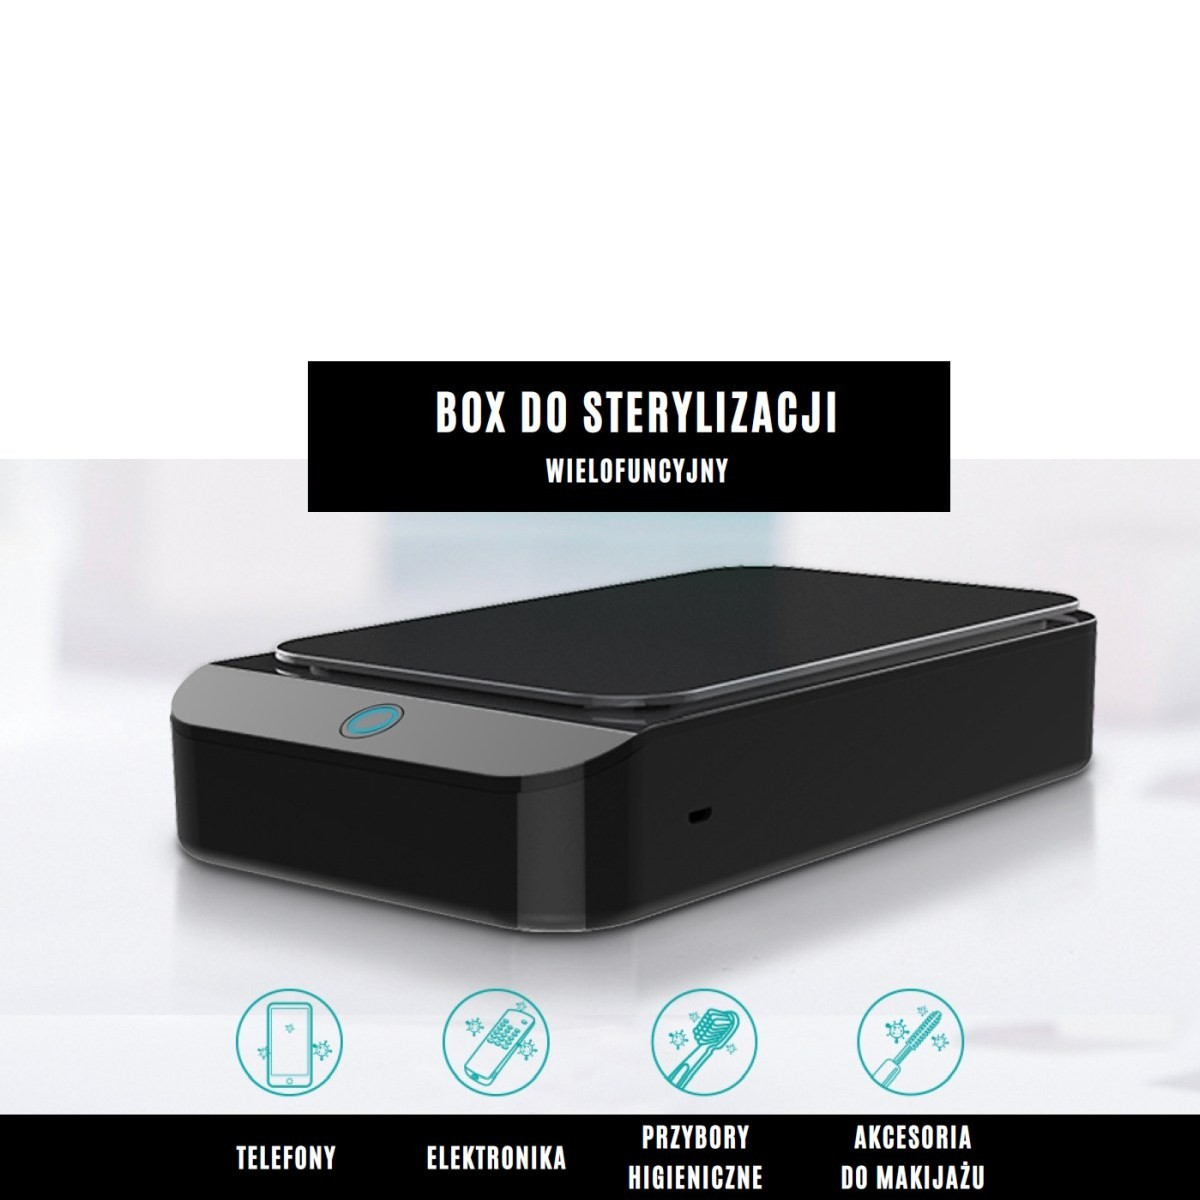 Wielofunkcyjny box do sterylizacji